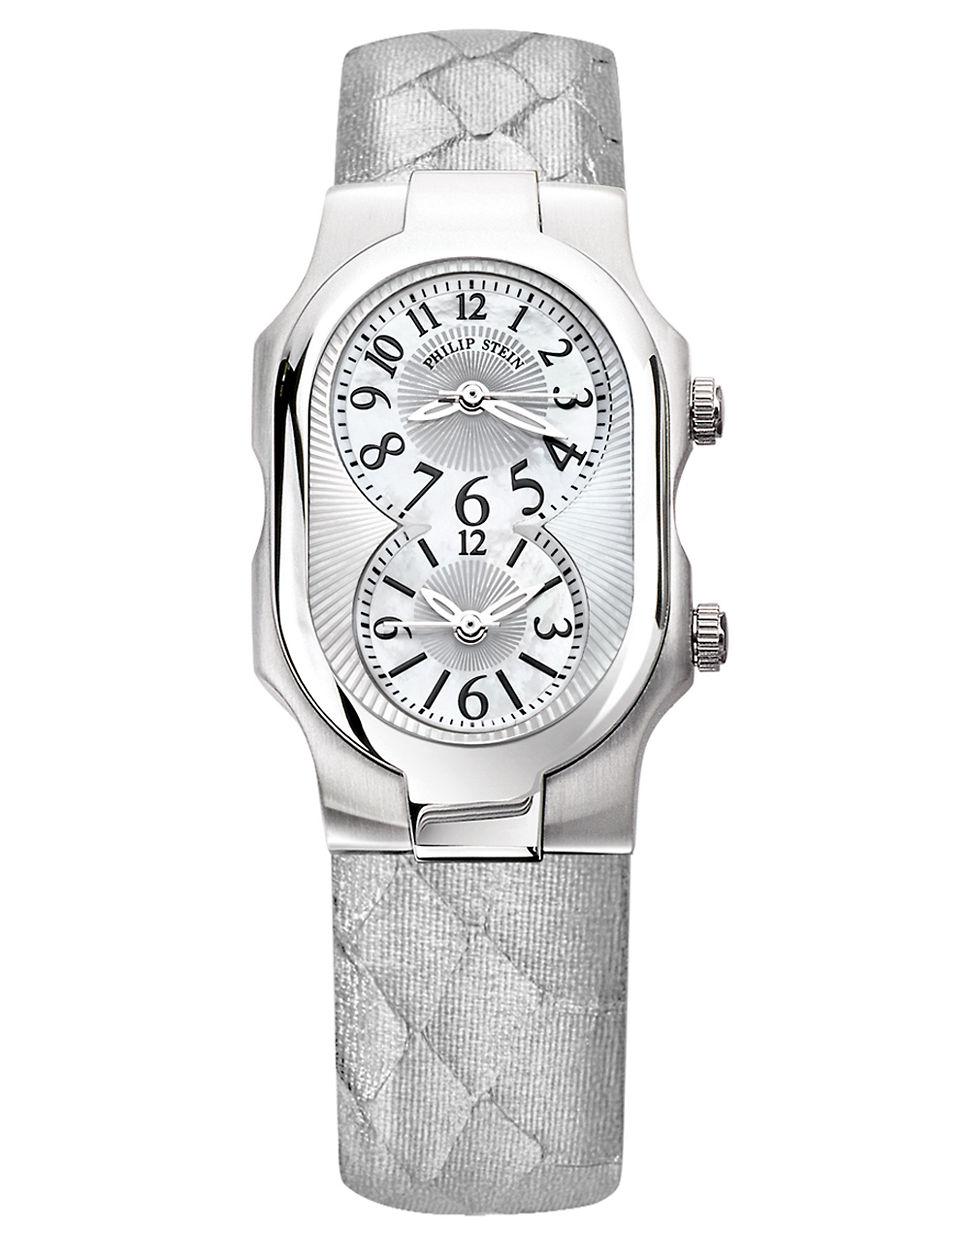 Philip stein ladies silver snakeskin strap watch in silver lyst for Philip stein watches